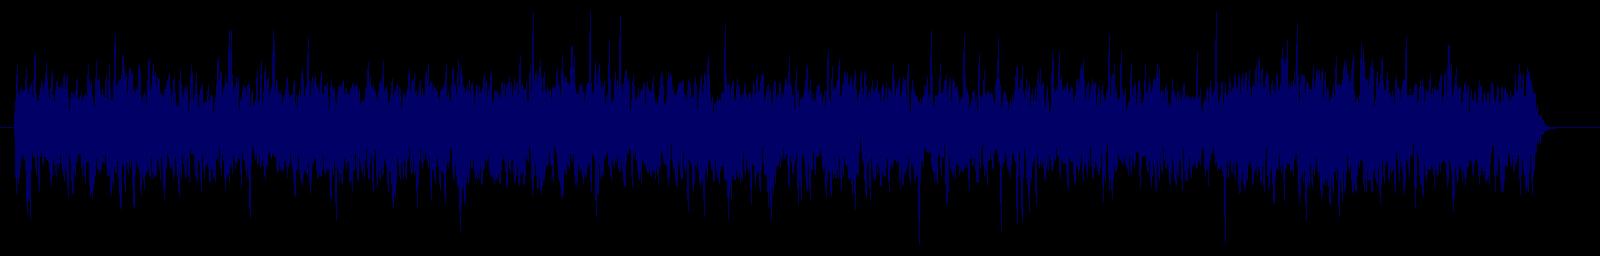 waveform of track #152098